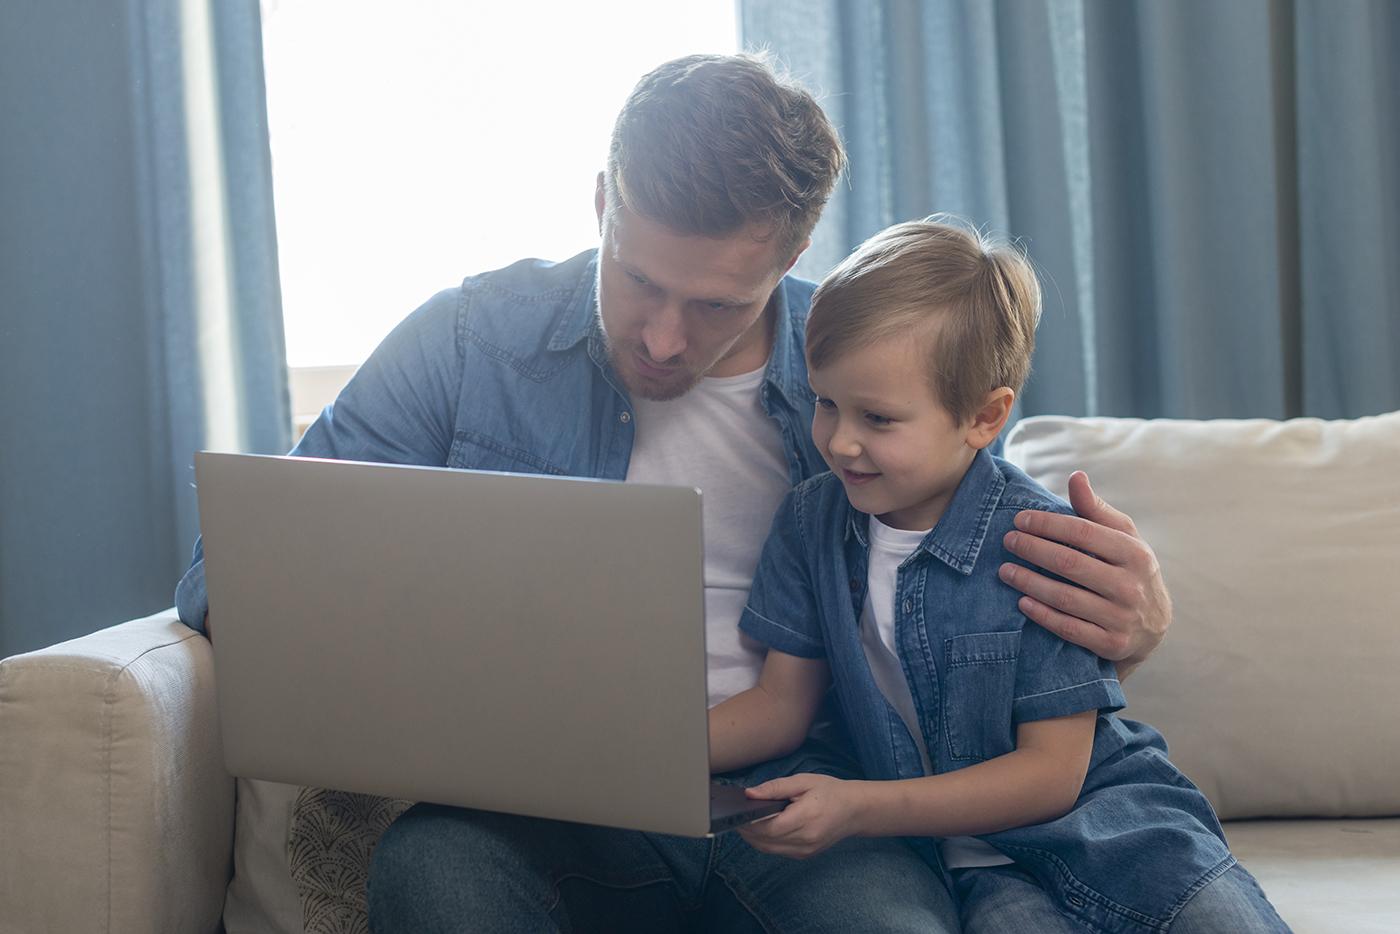 Apuka a laptopjánál ülve dolgozik, mellette a fia. Nem véletlen a képválasztás: GYED-et a férfiak is igényelhetnek.